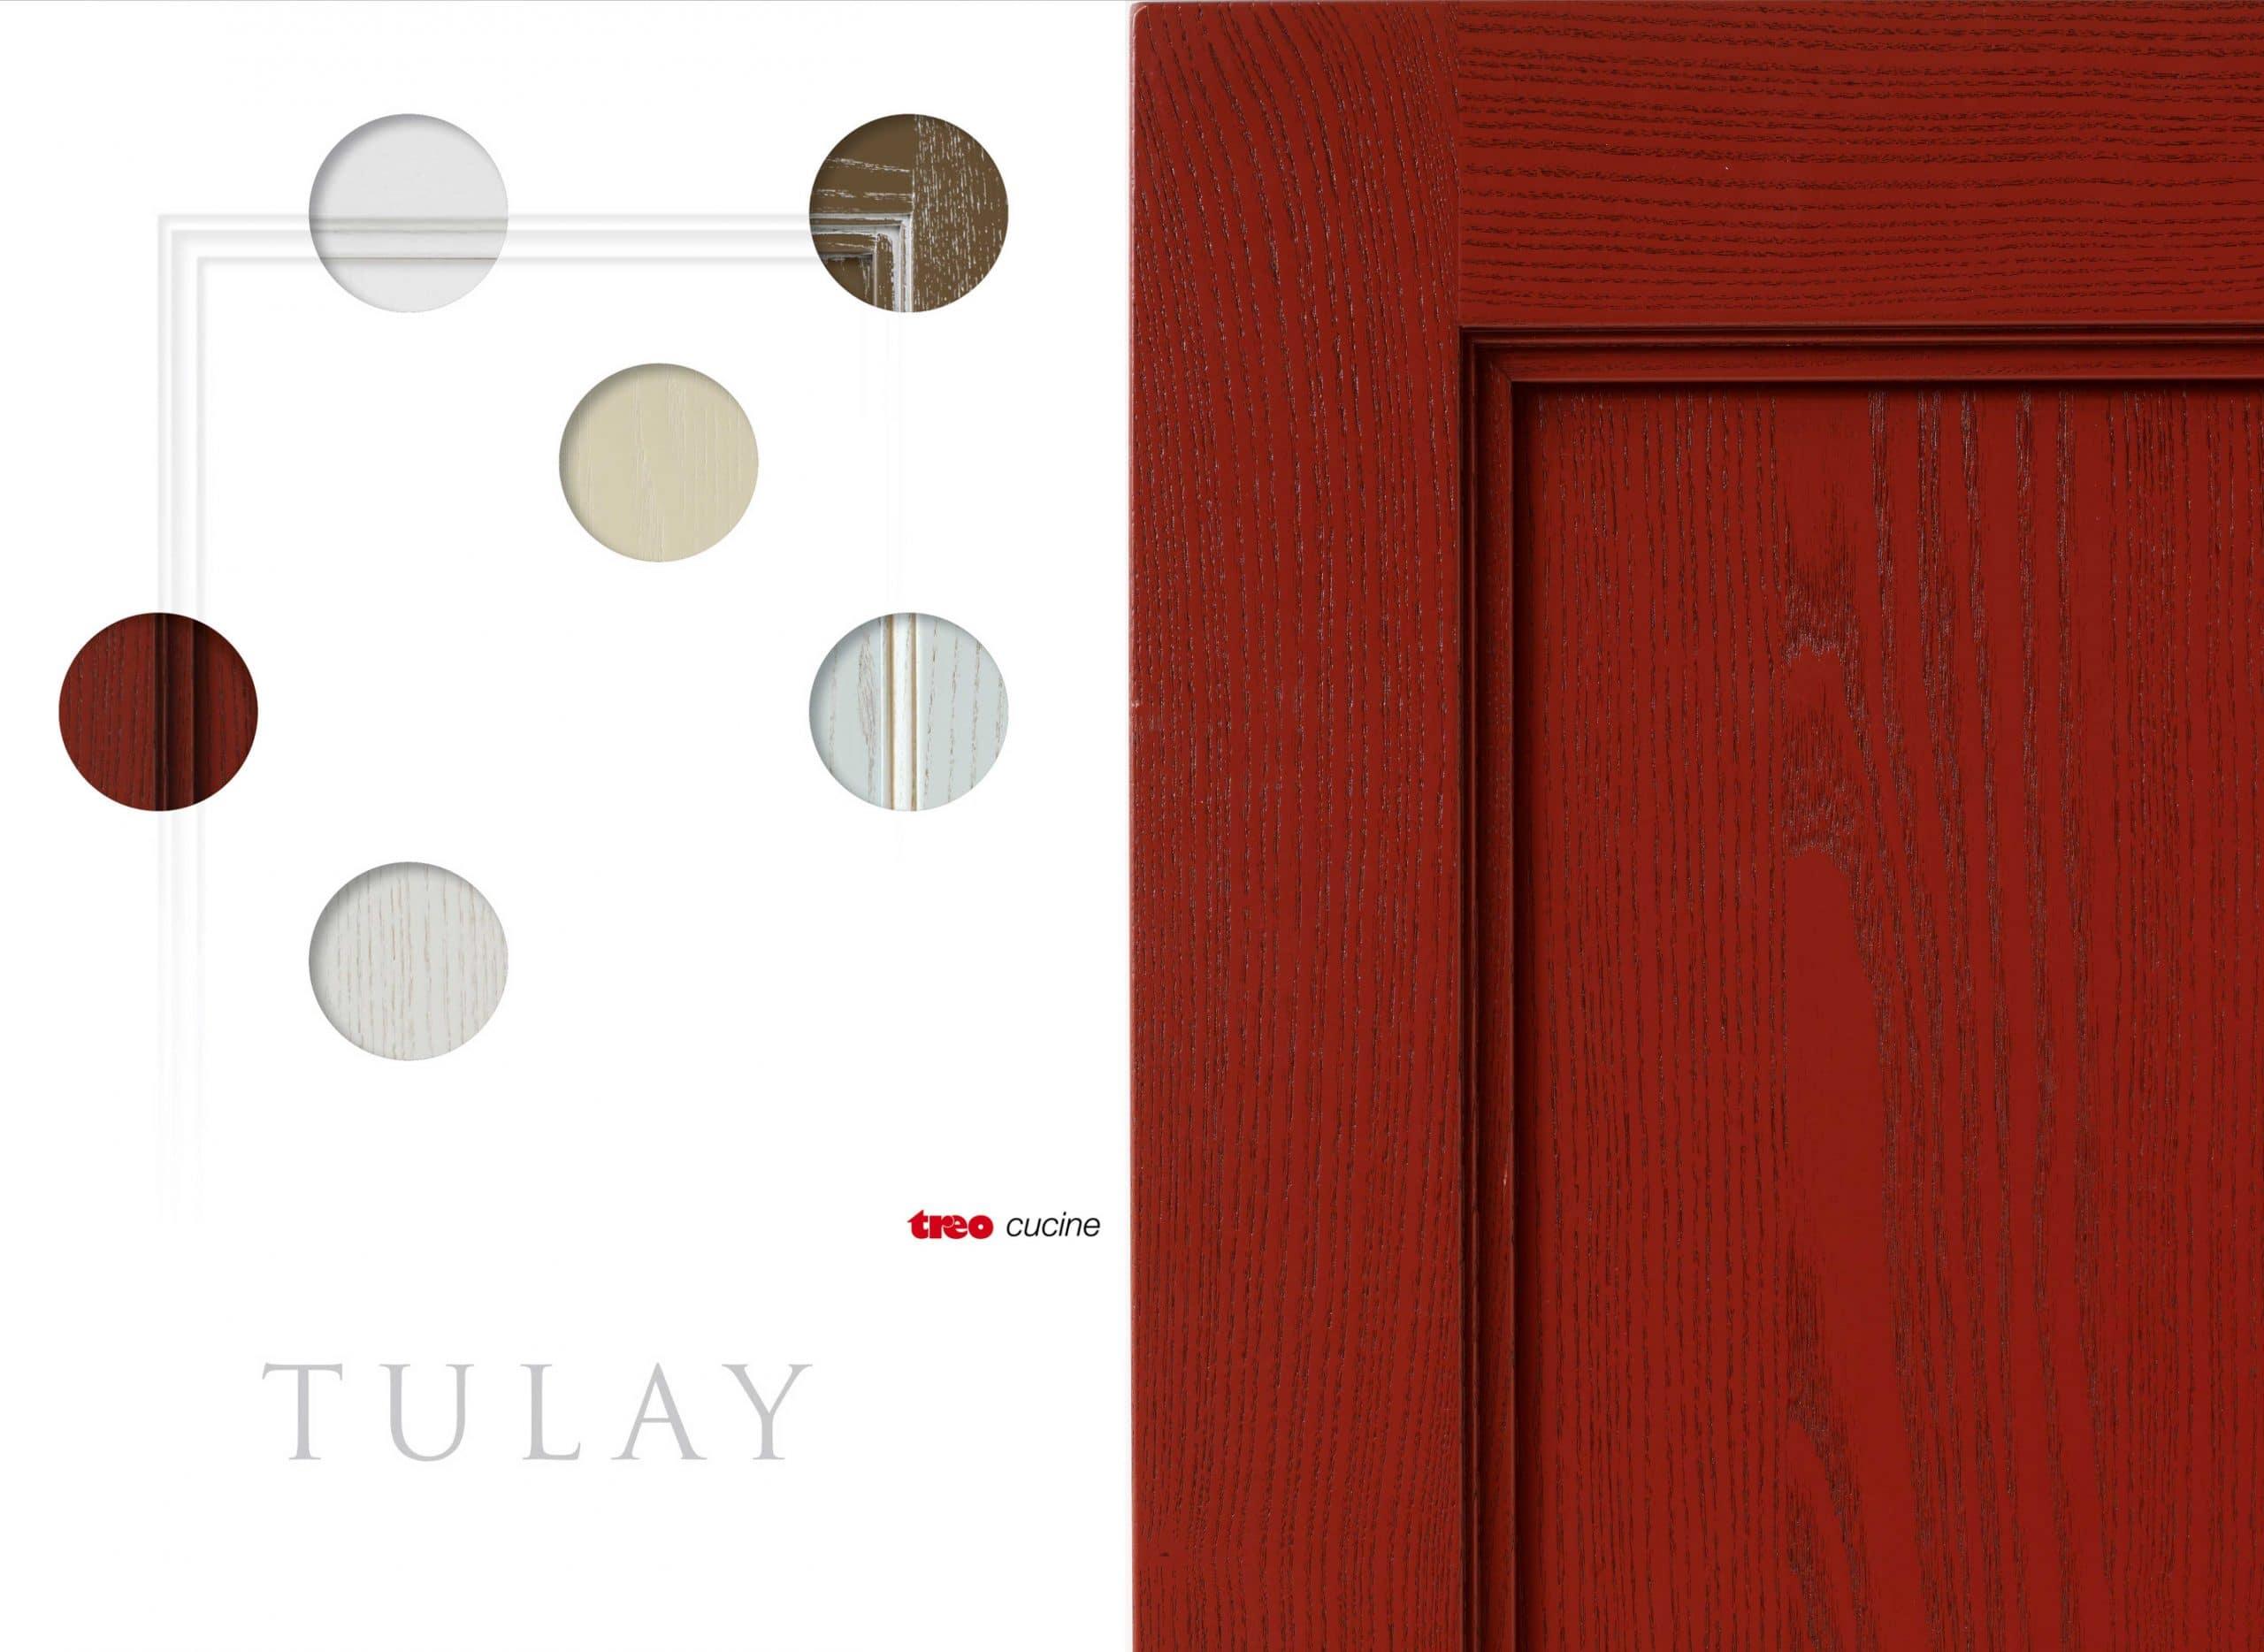 Tulay-TreO-Cucine-creazione-cataloghi-aziendali-padova